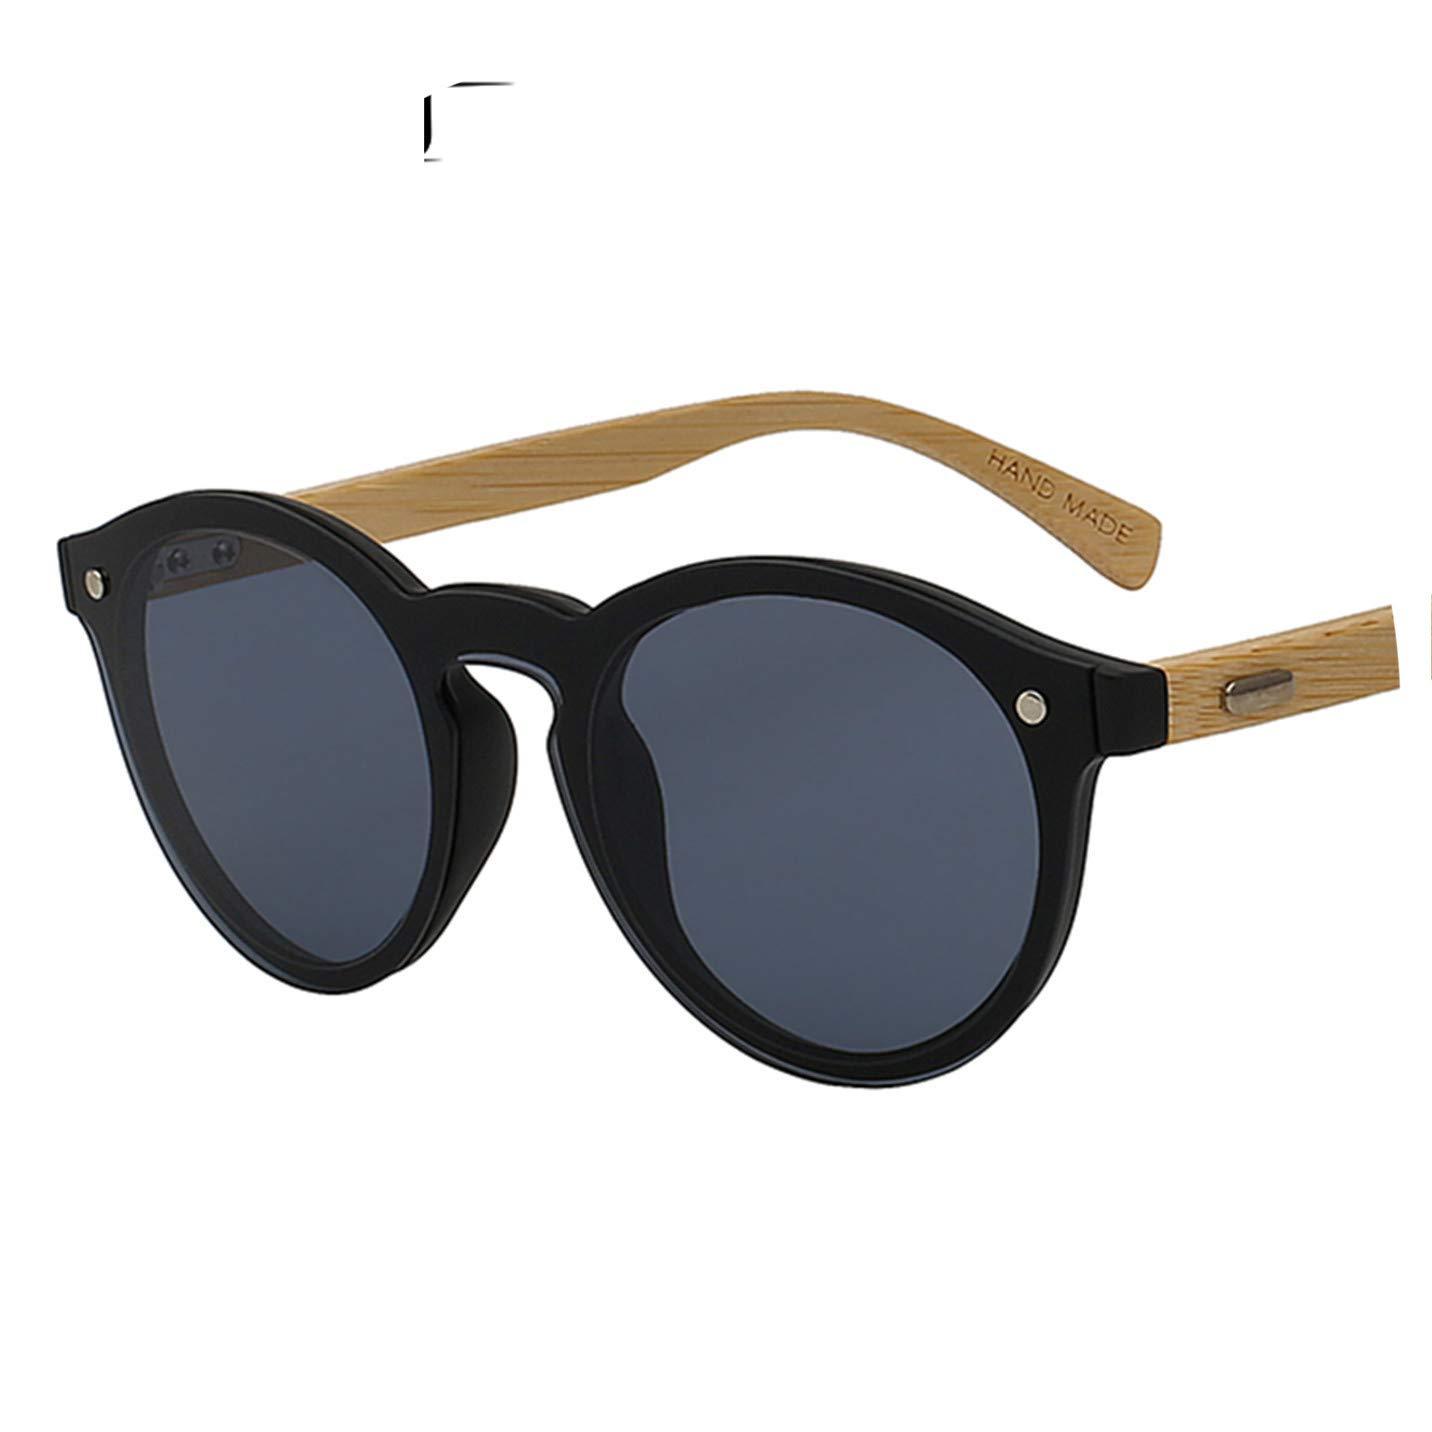 Amazon.com: Gafas de sol redondas para mujer de bambú ...